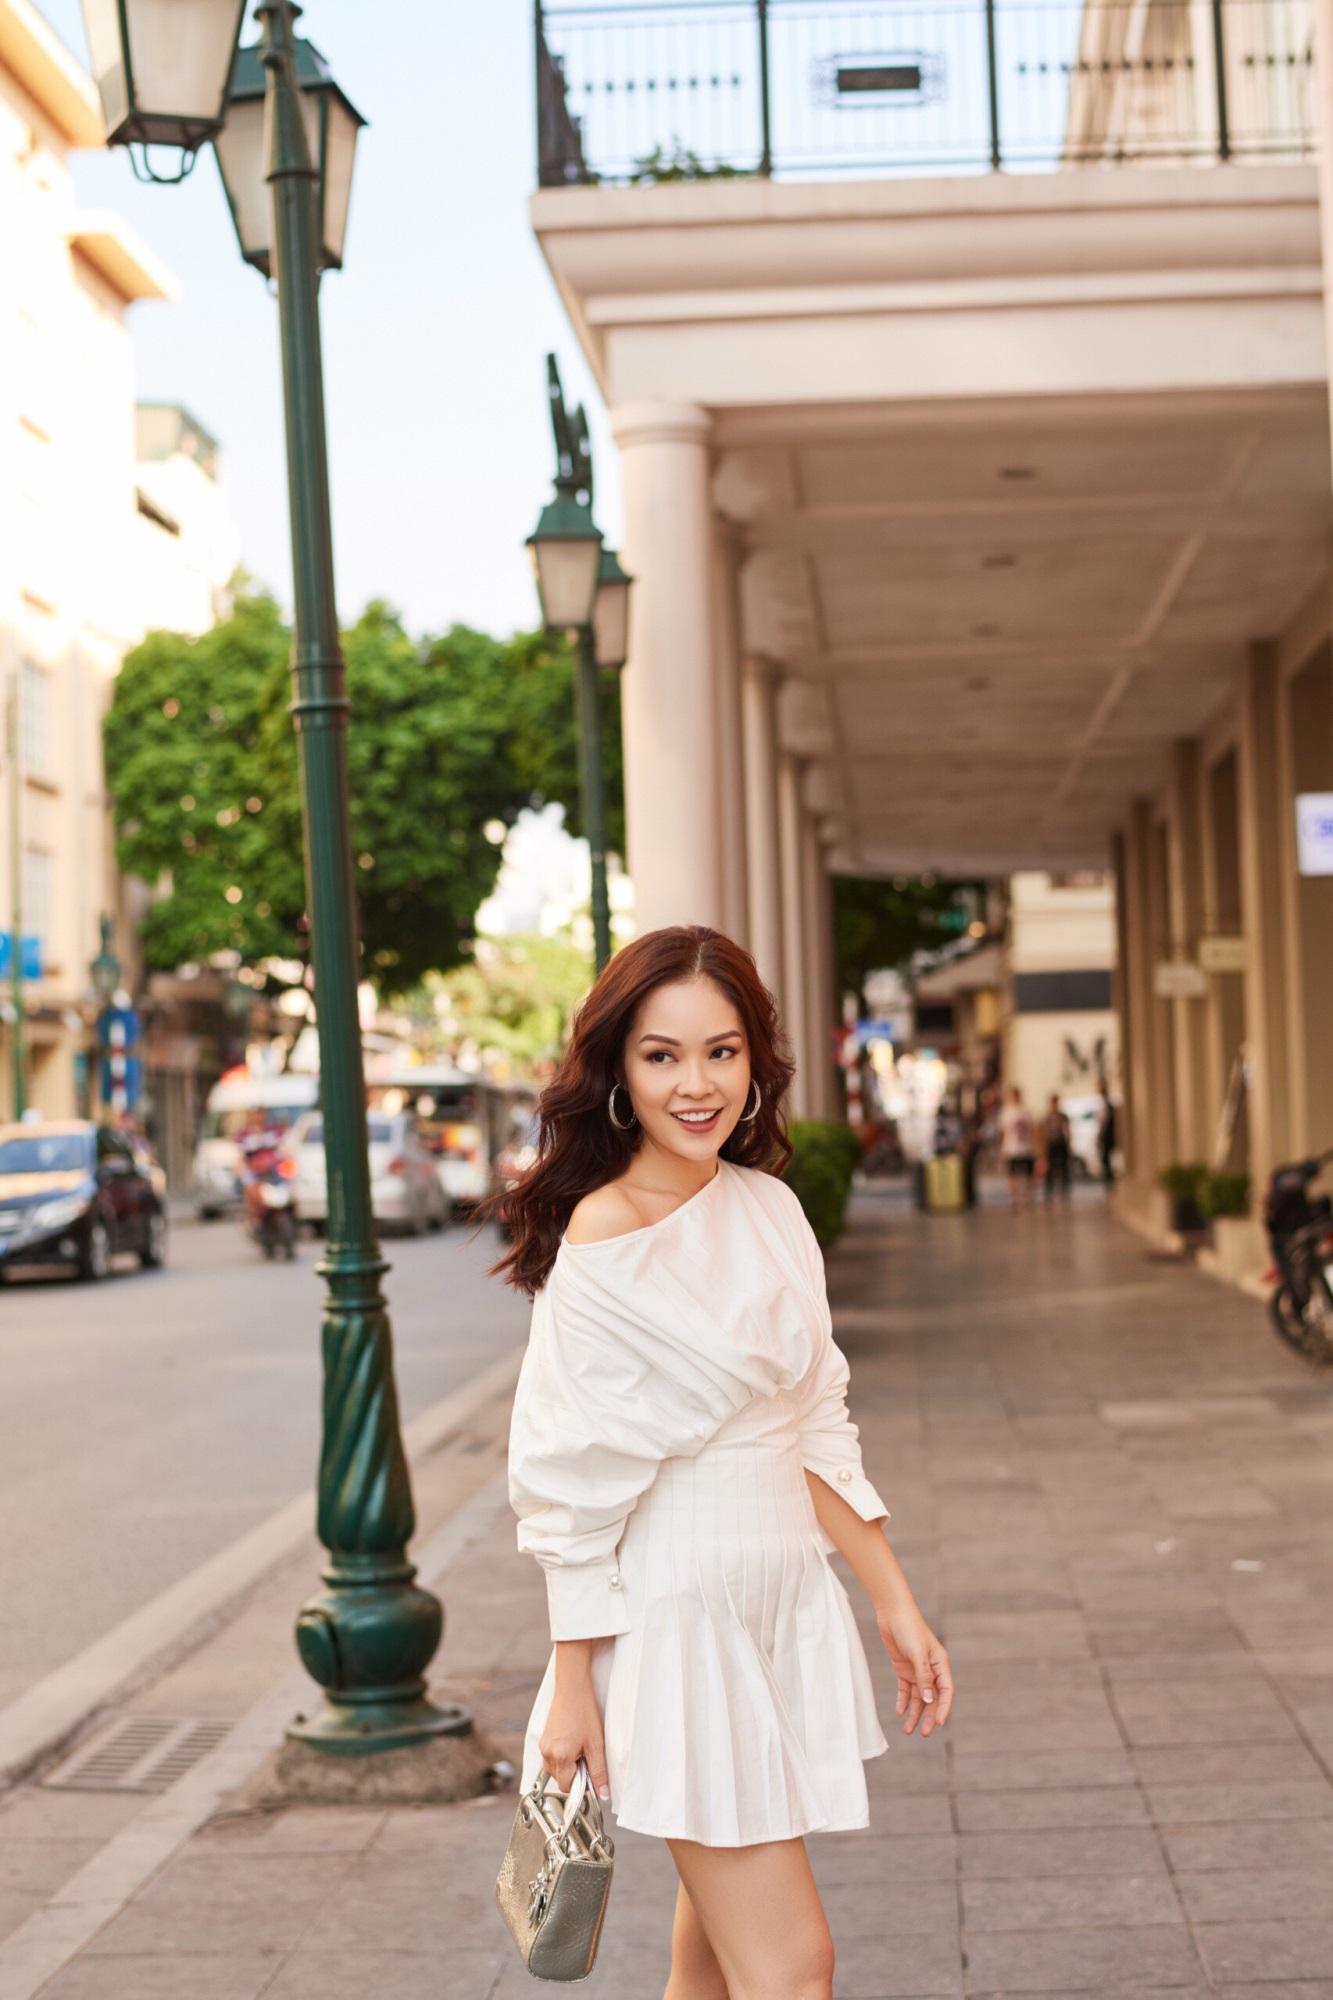 'Bà mẹ đơn thân' Dương Cẩm Lynh khoe nhan sắc rạng ngời với street style sang trọng - Ảnh 11